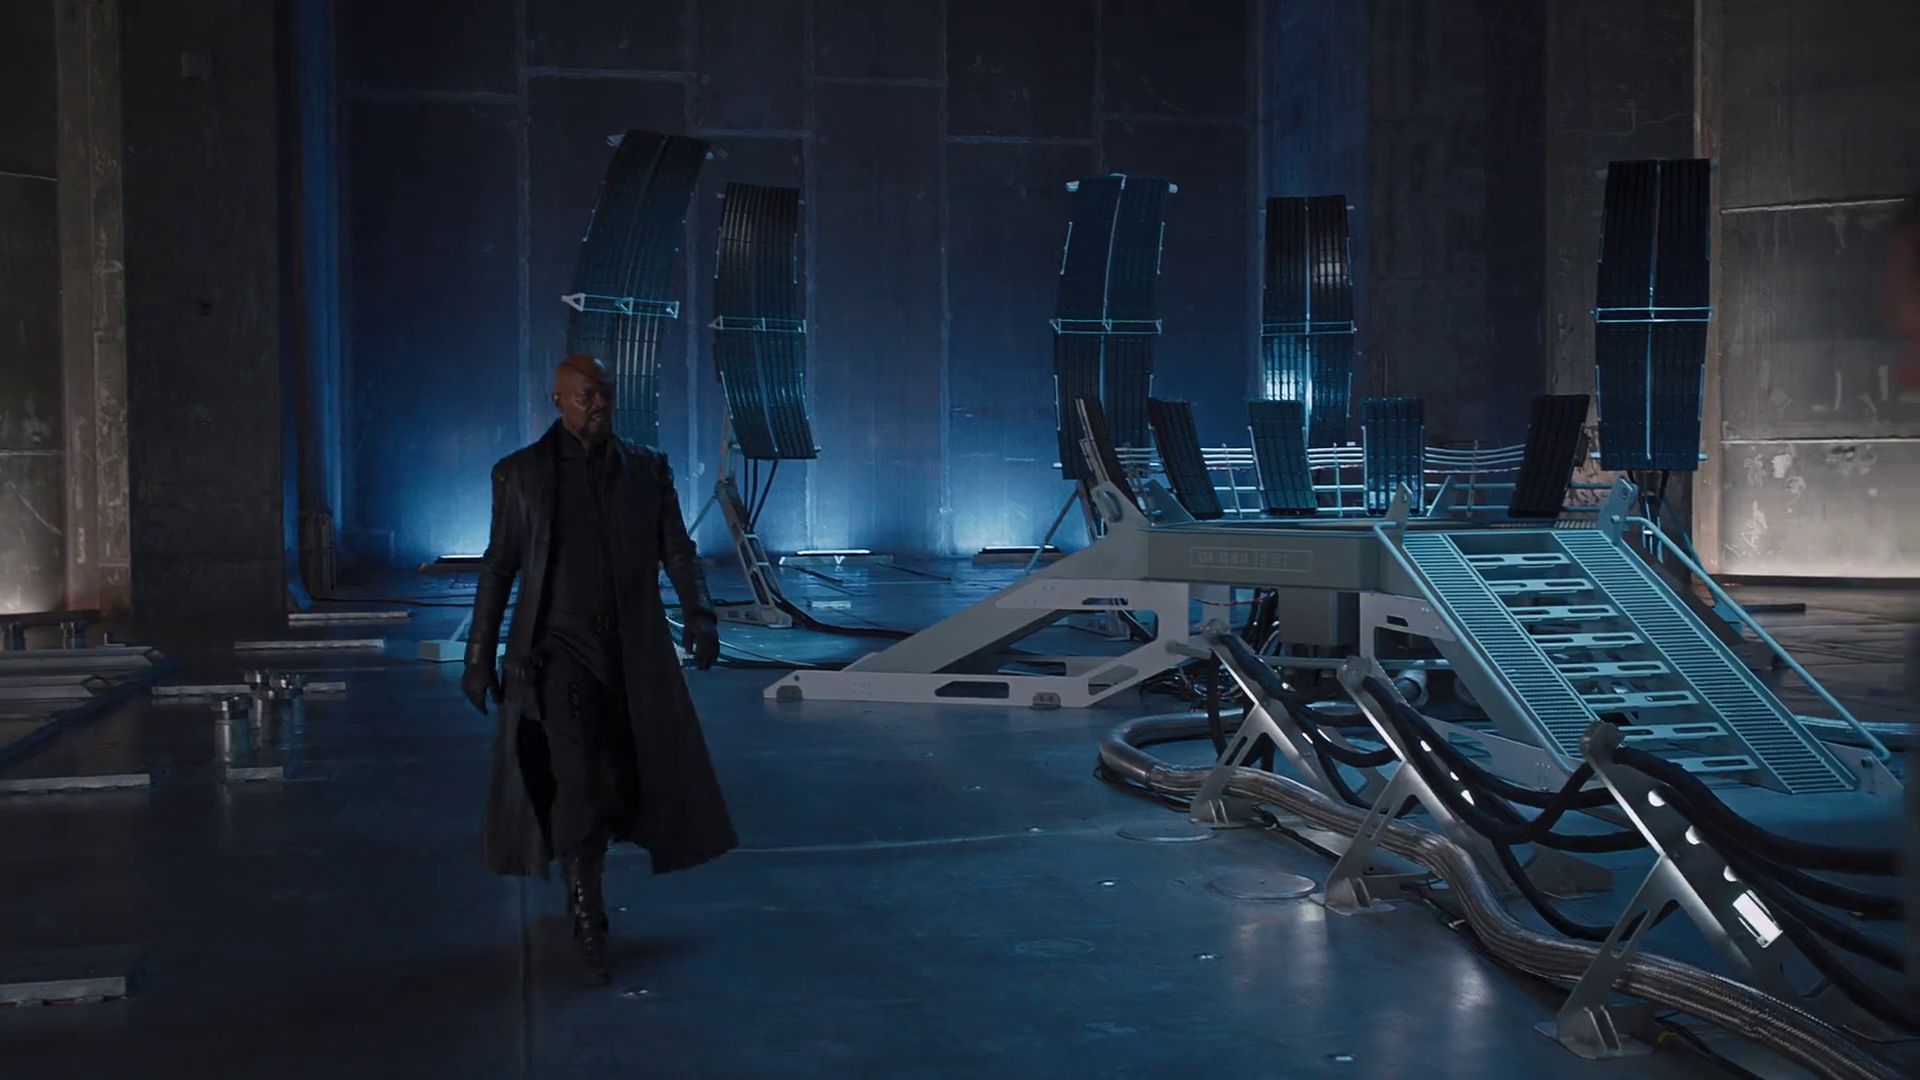 Avengers In Sci-Fi - avenger strikes back